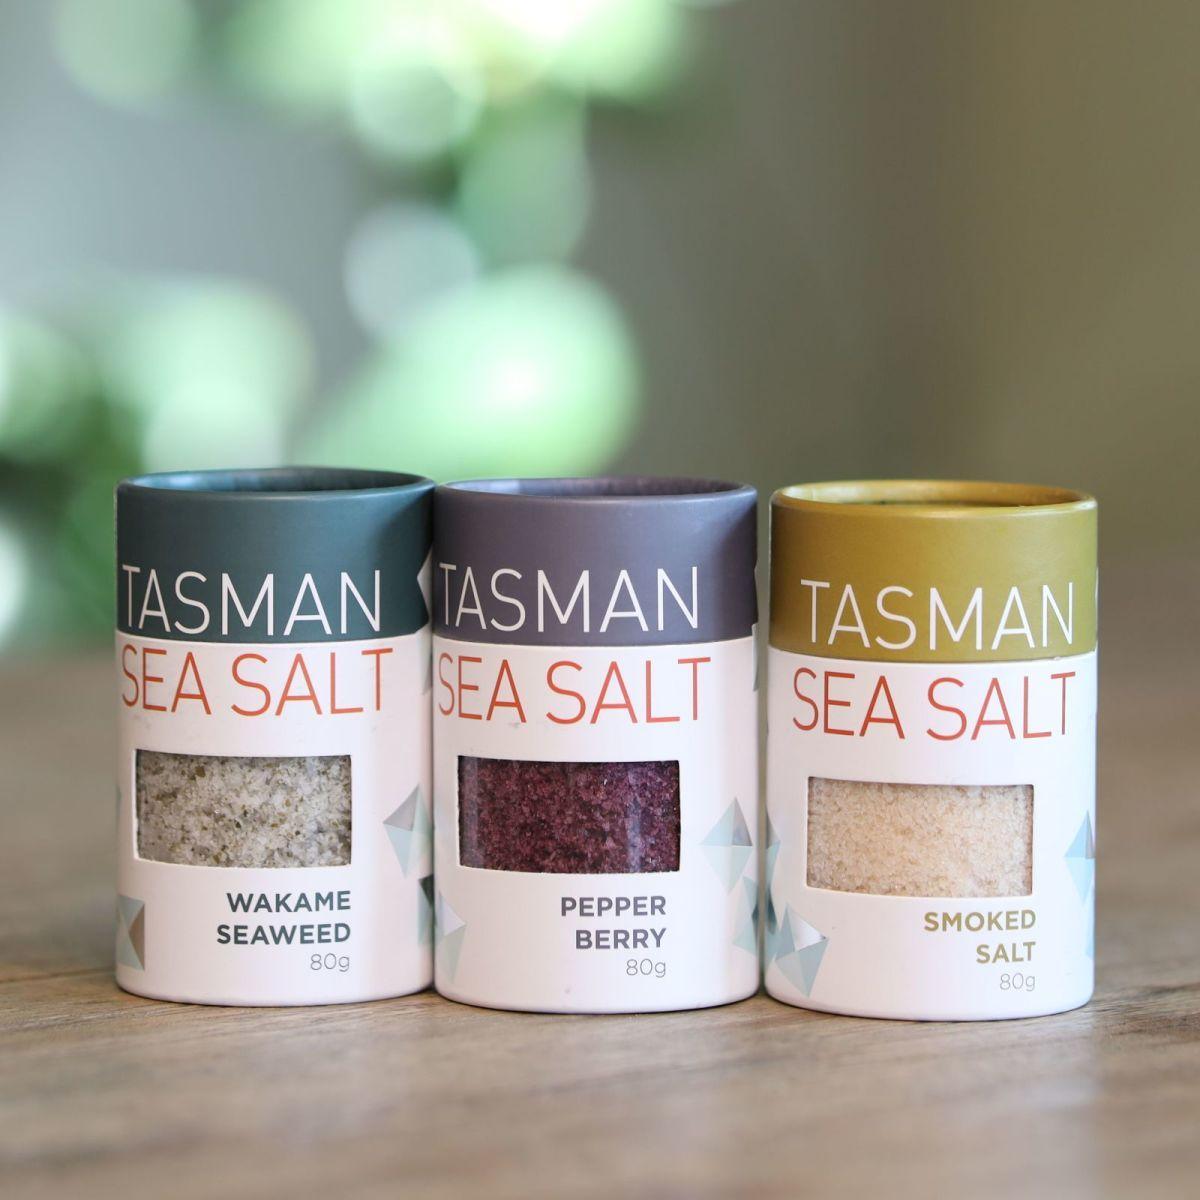 Tasman Sea Salt – 3 Pack Gift Set